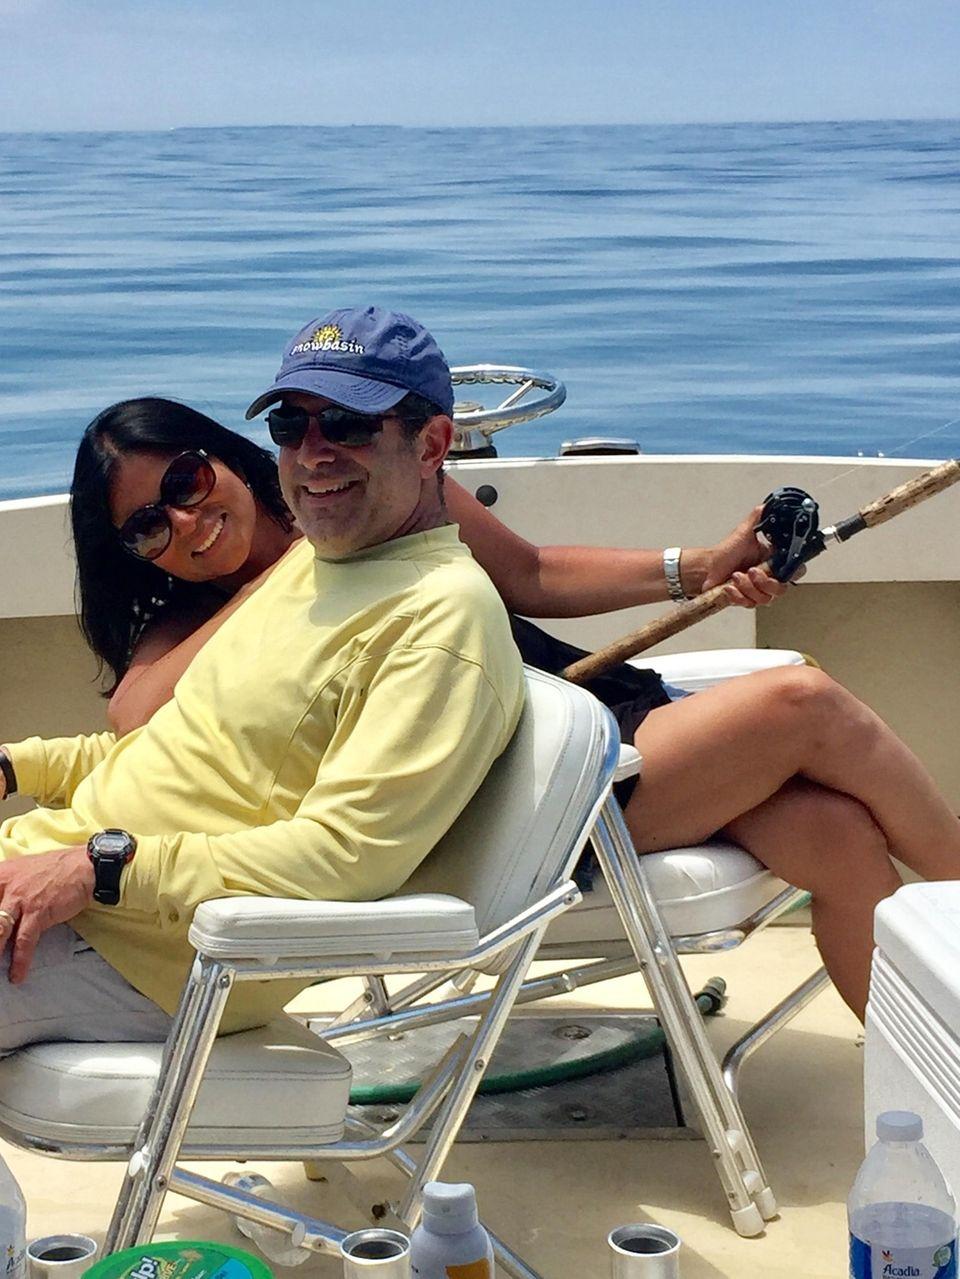 Doug & Diana Toback fishing on their family